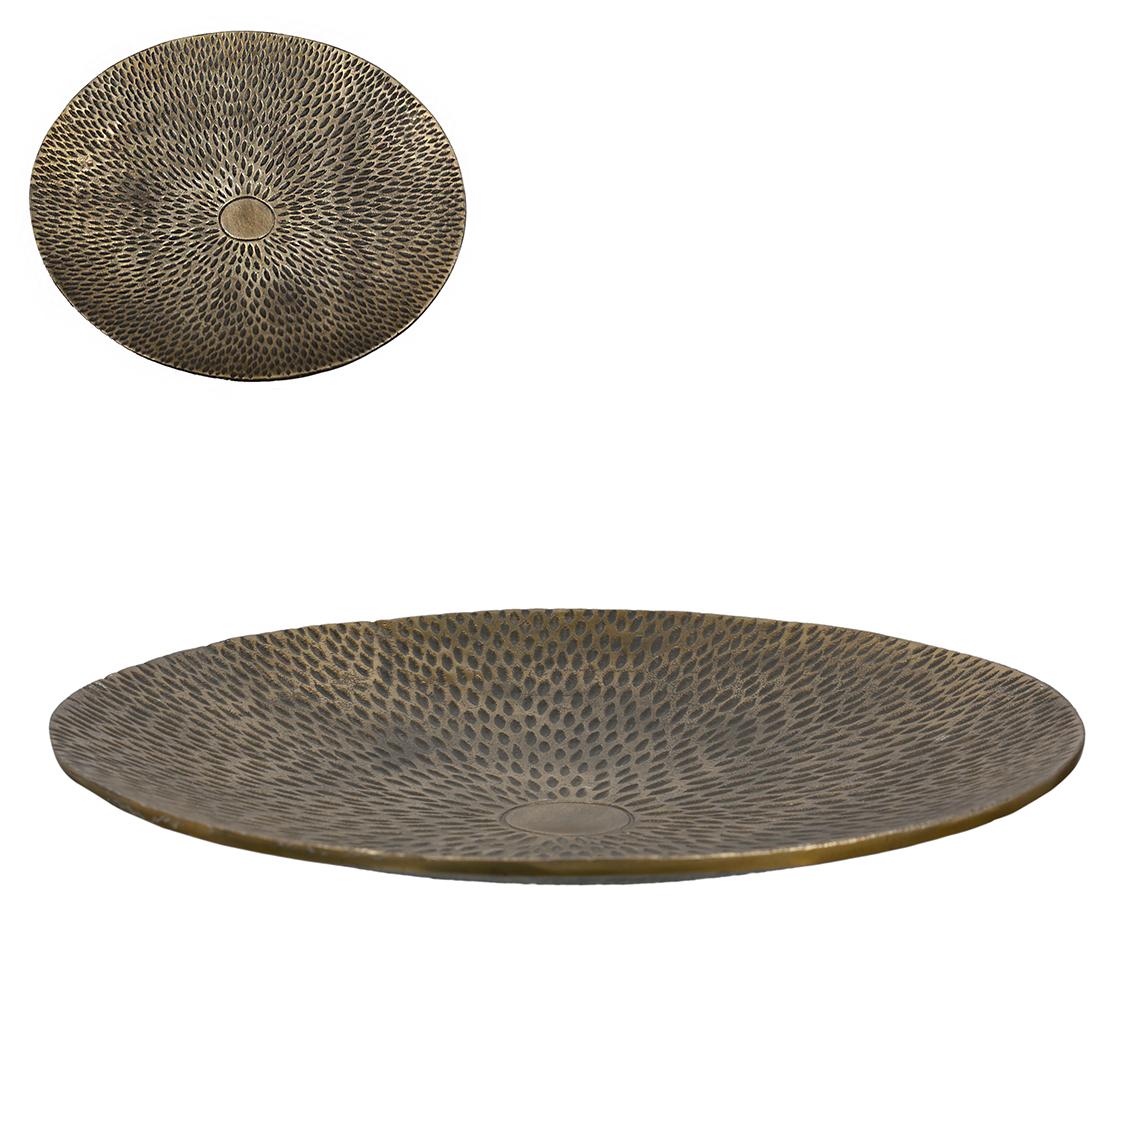 Dekorativní mísa Ruth, 45 cm, zlatá